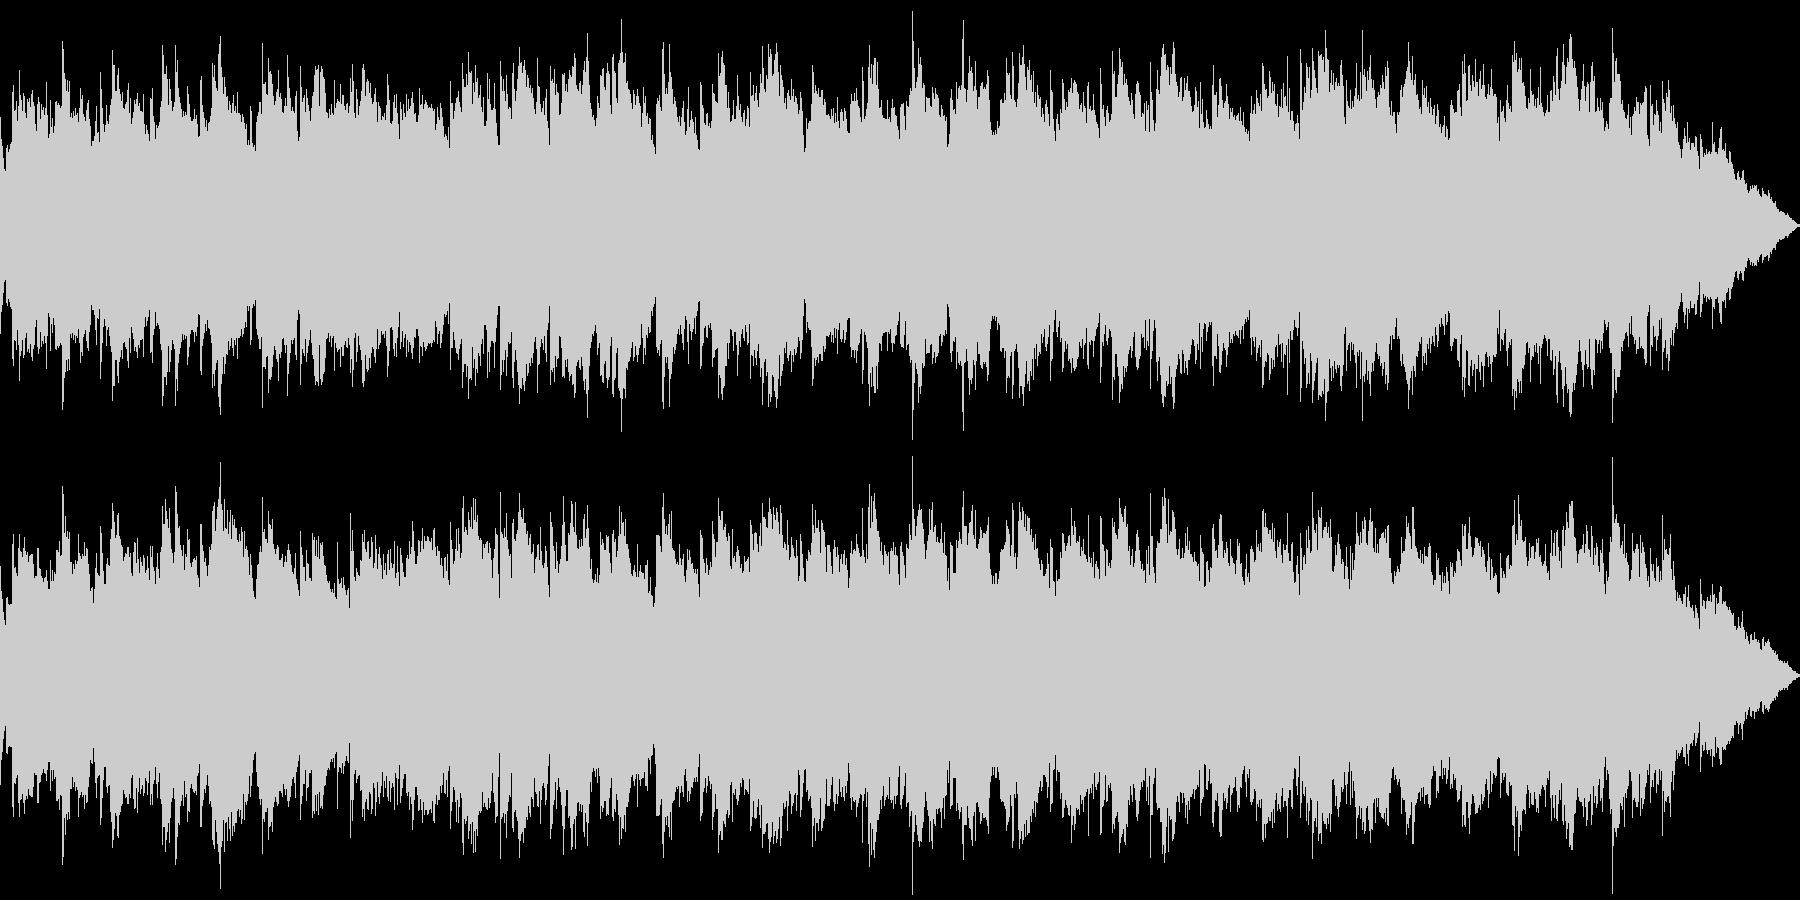 【主張しない背景音楽】ヒーリング5の未再生の波形